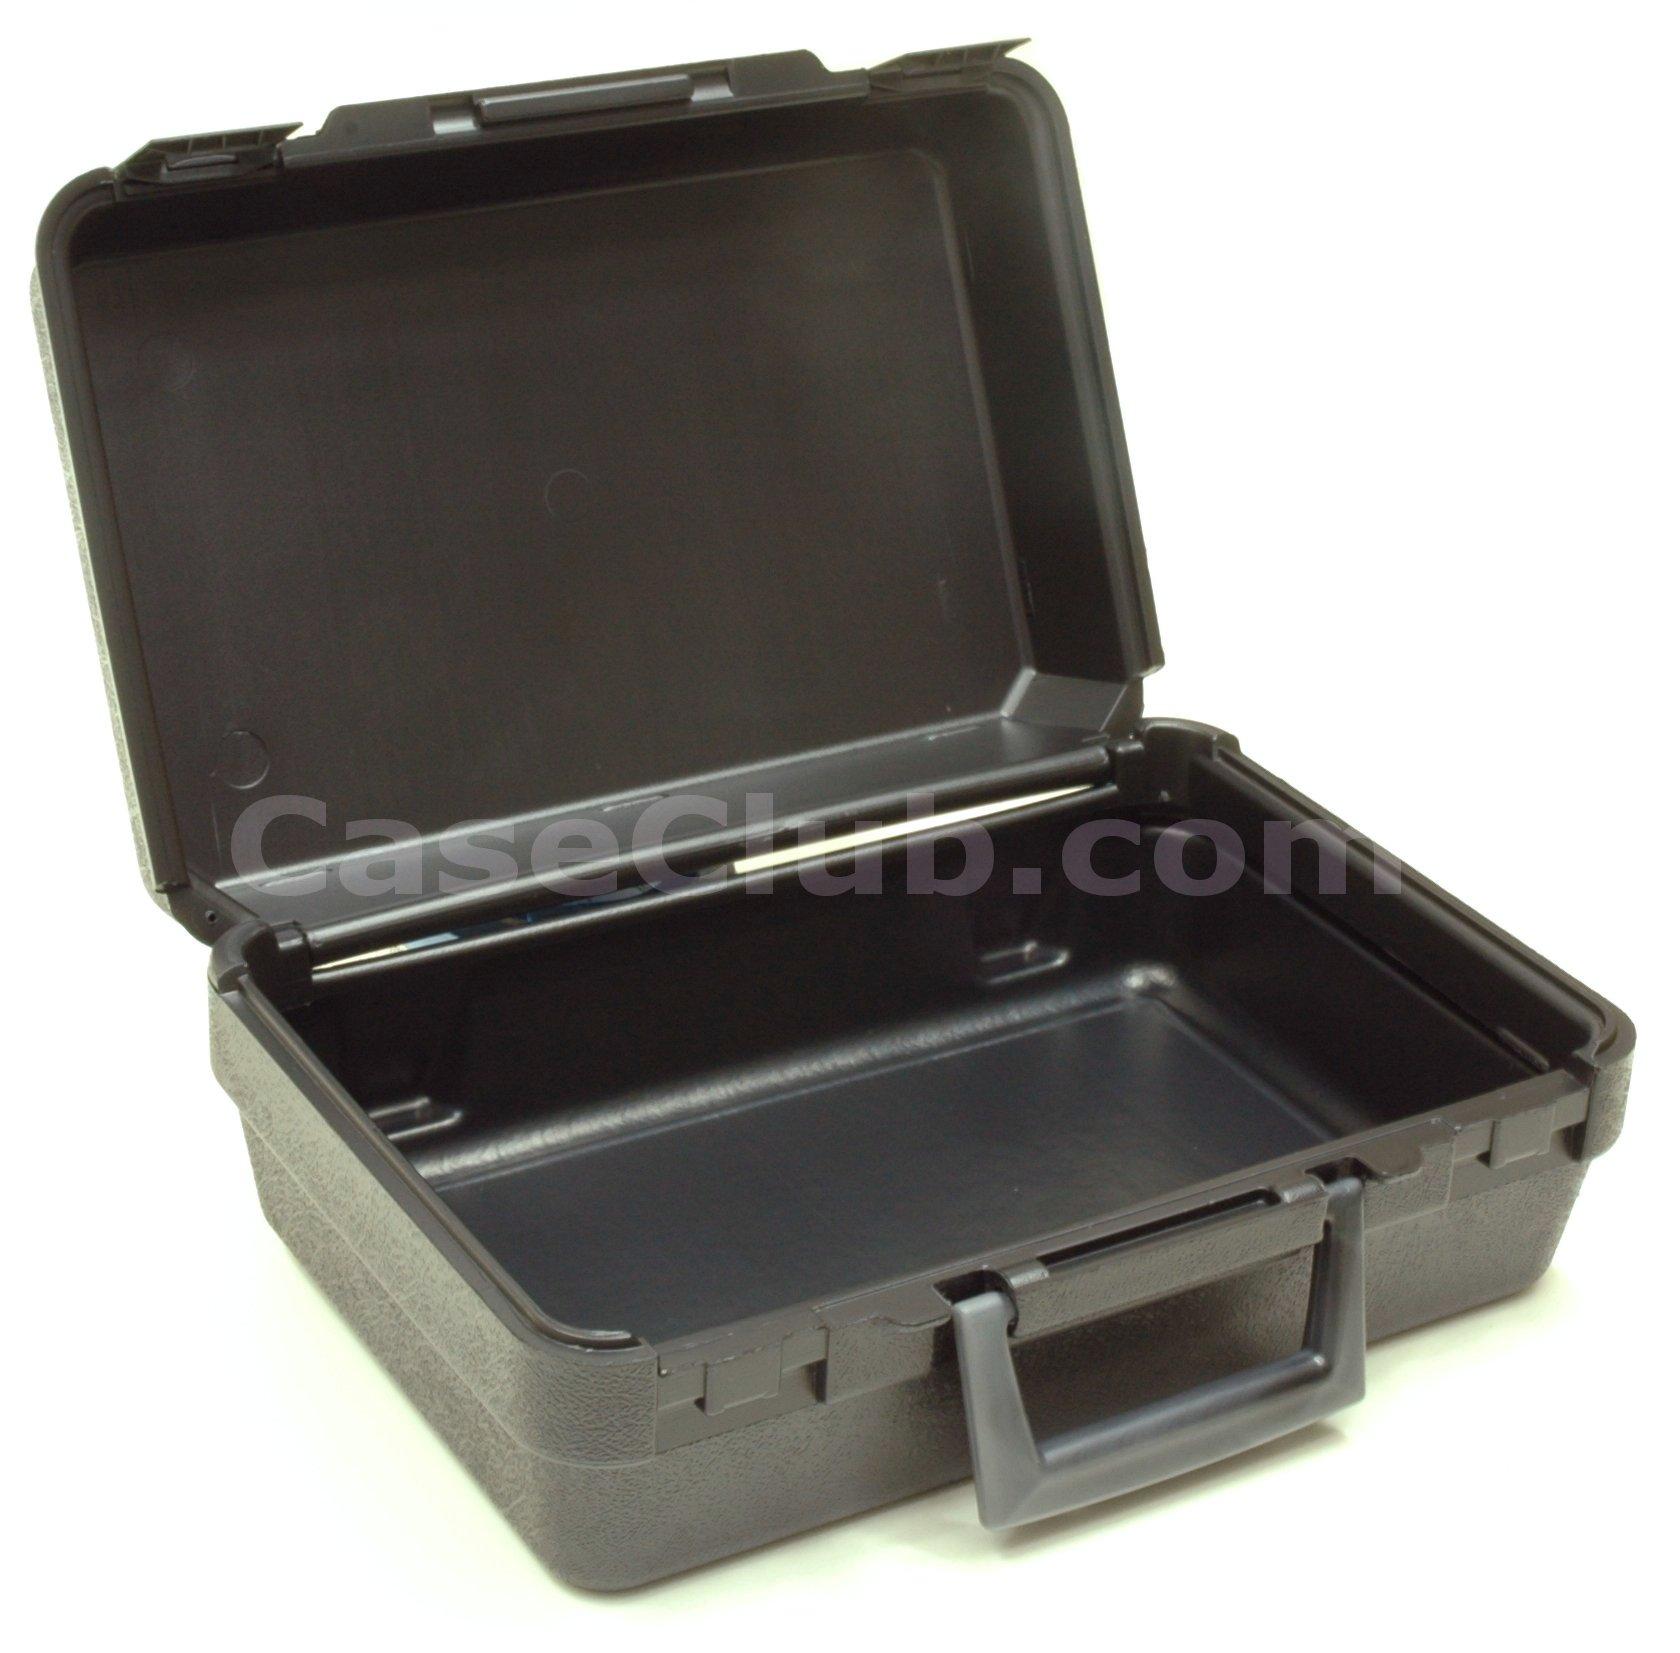 WR13.5x9.0x5.5 Case